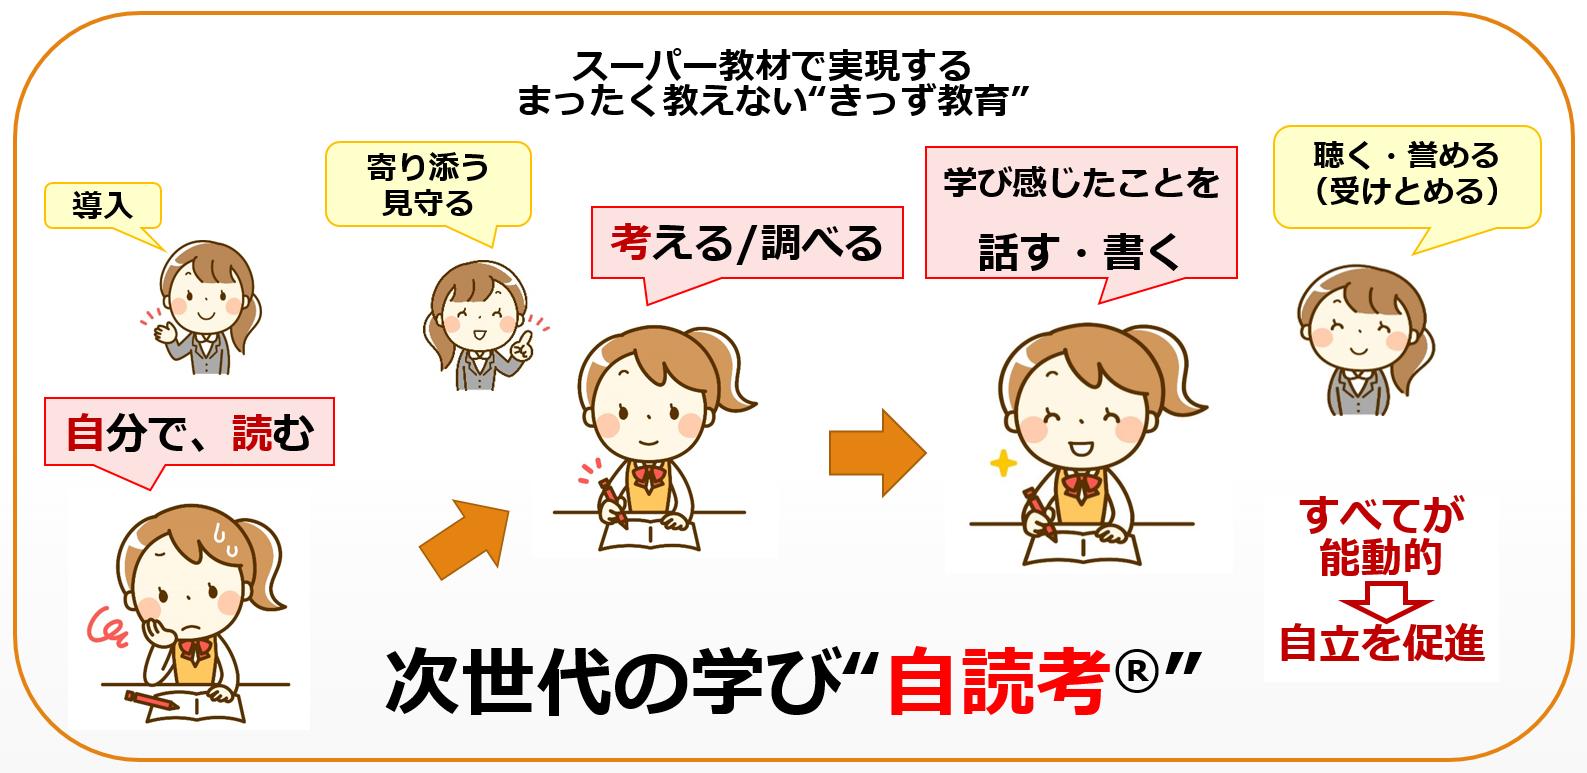 幼稚小学すきっぷの自読考